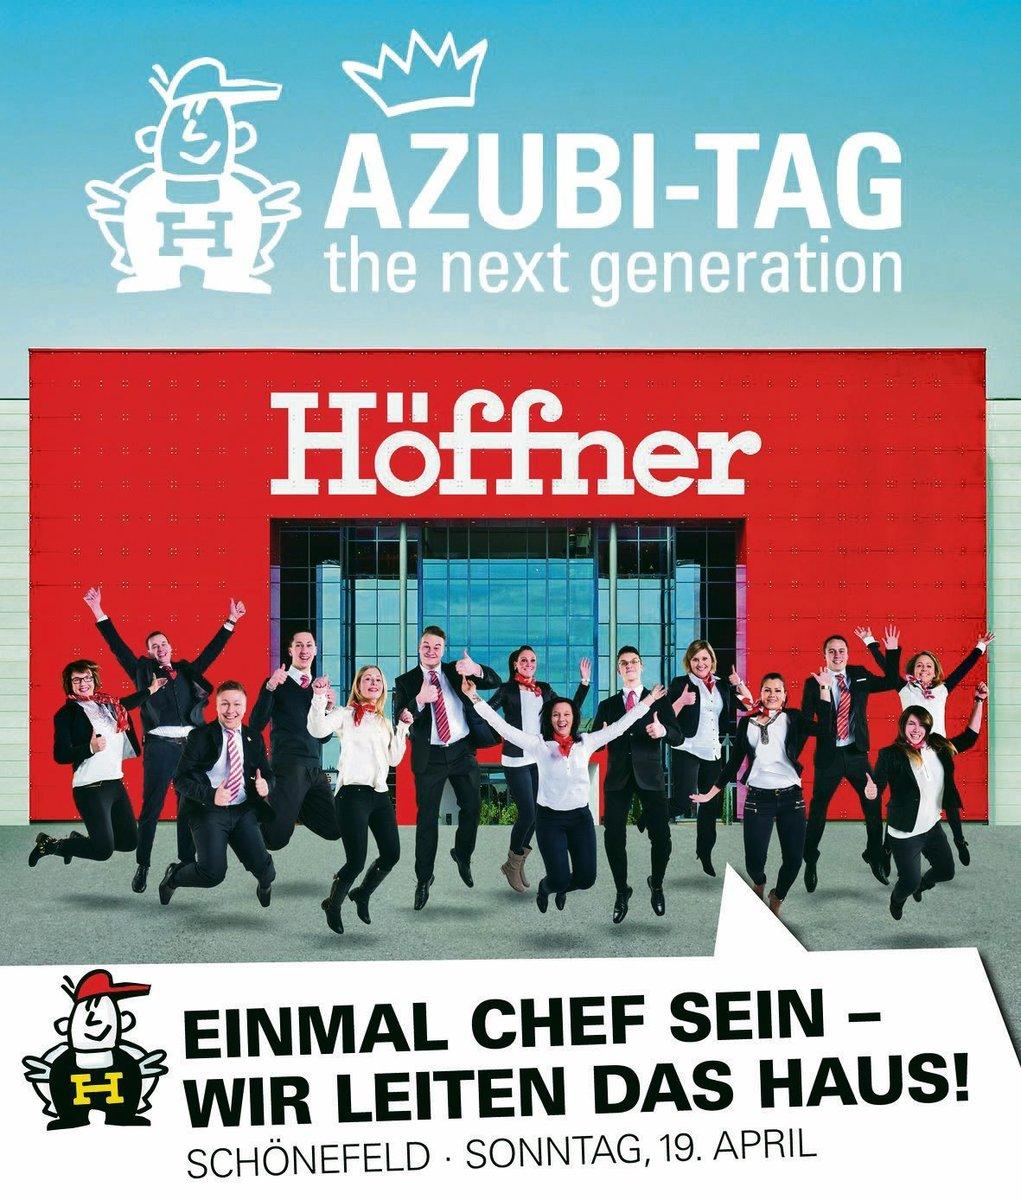 Höffner Fest In Azubi Hand 300 Auszubildende Realisieren